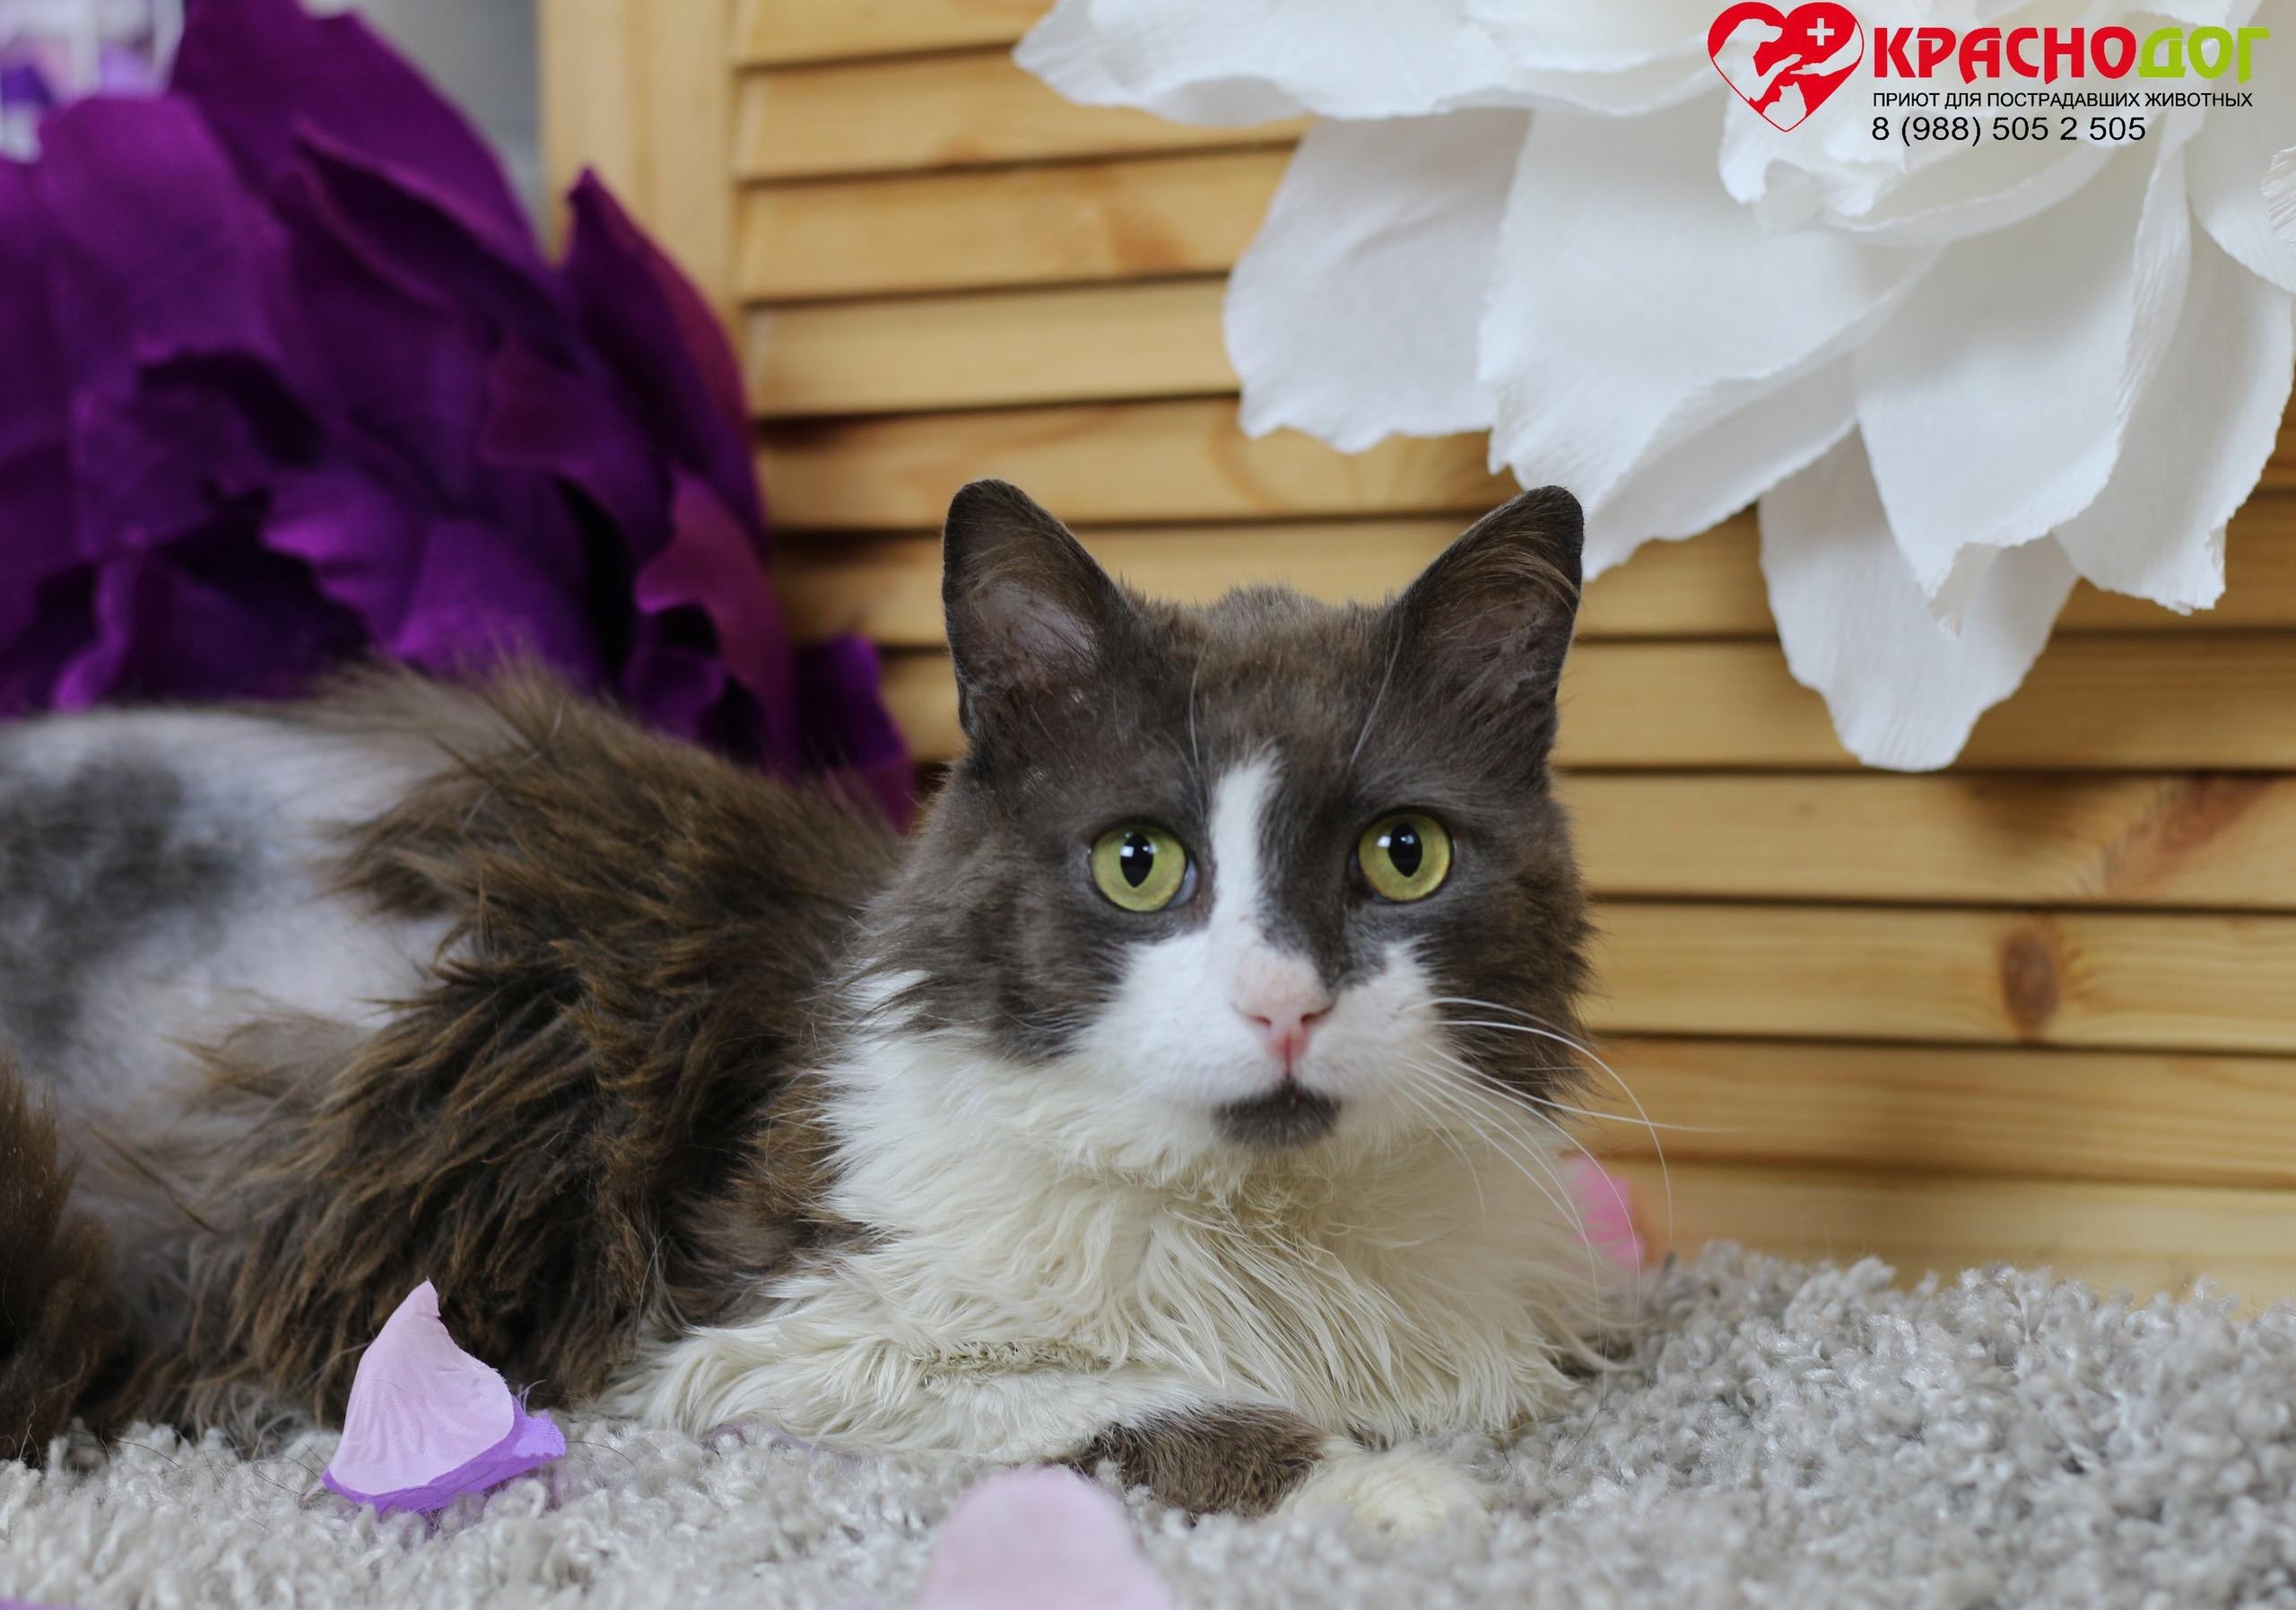 Ставка на Зеро: кот из «Краснодога» принесет большую удачу новым хозяевам